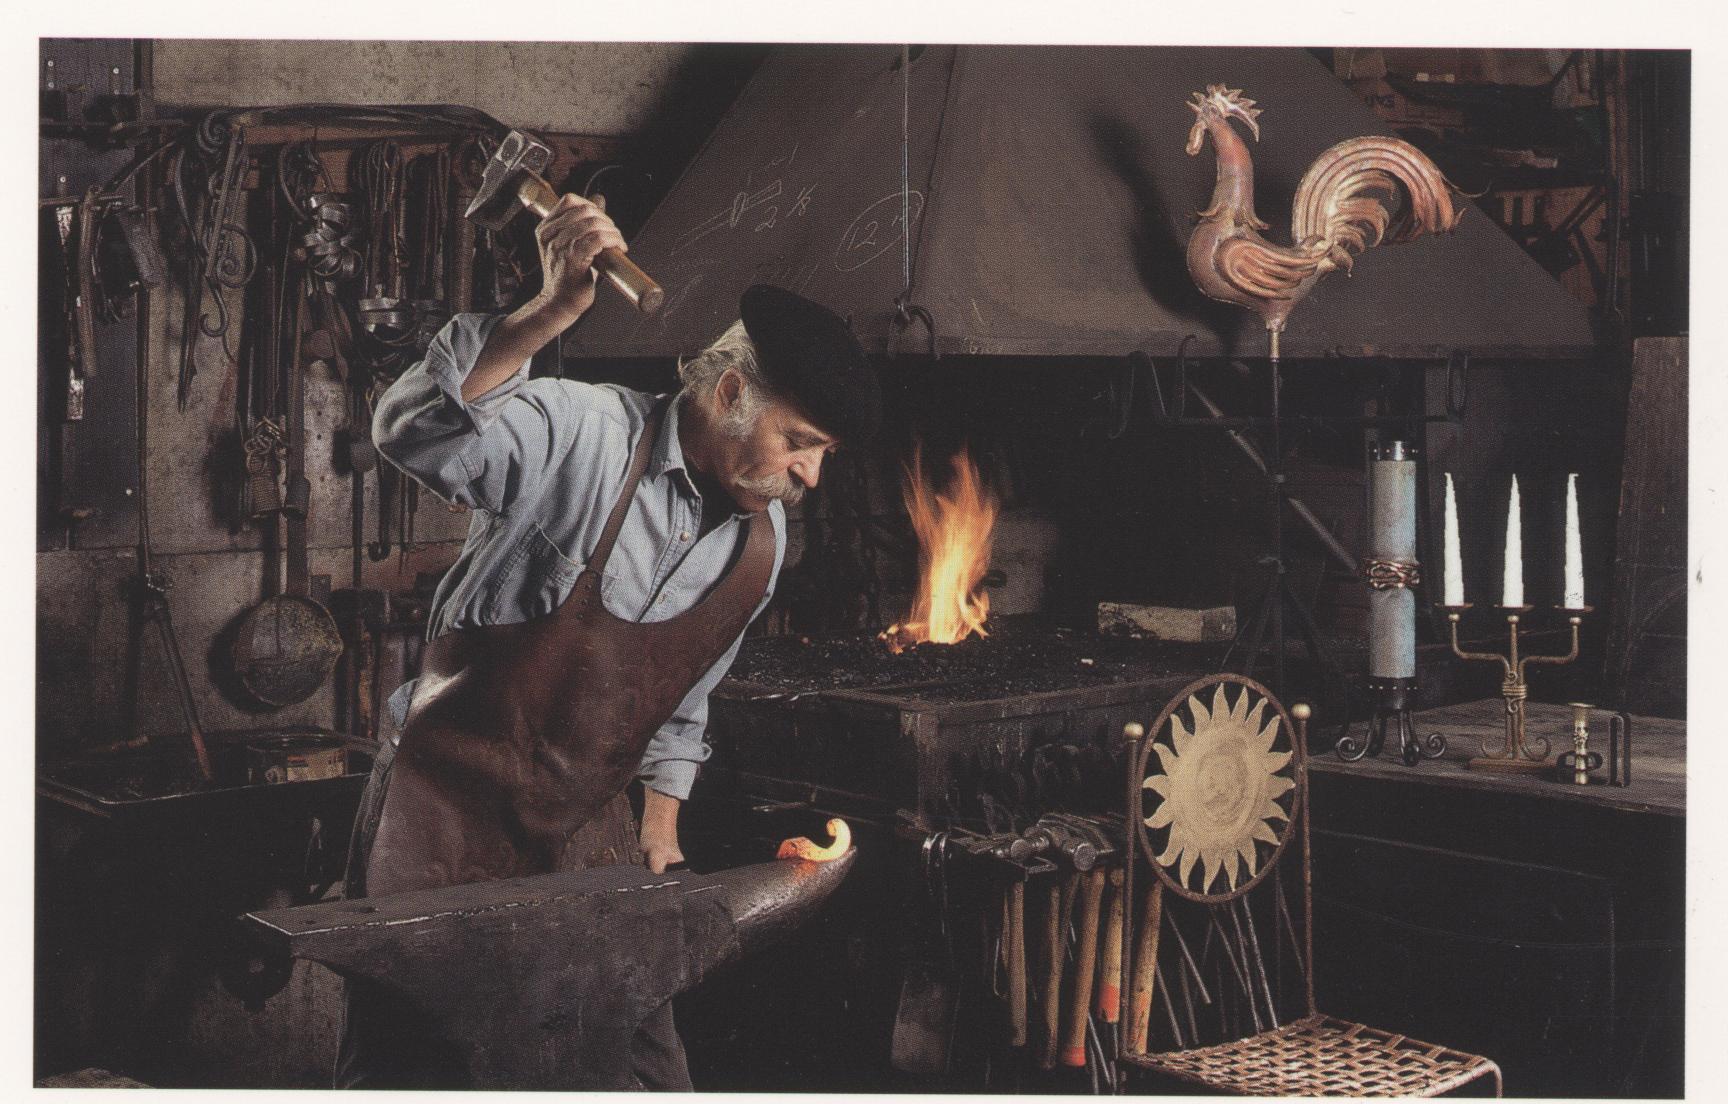 Portrait de l'artiste au travail, Forge Pique-Assaut © Guy Bel